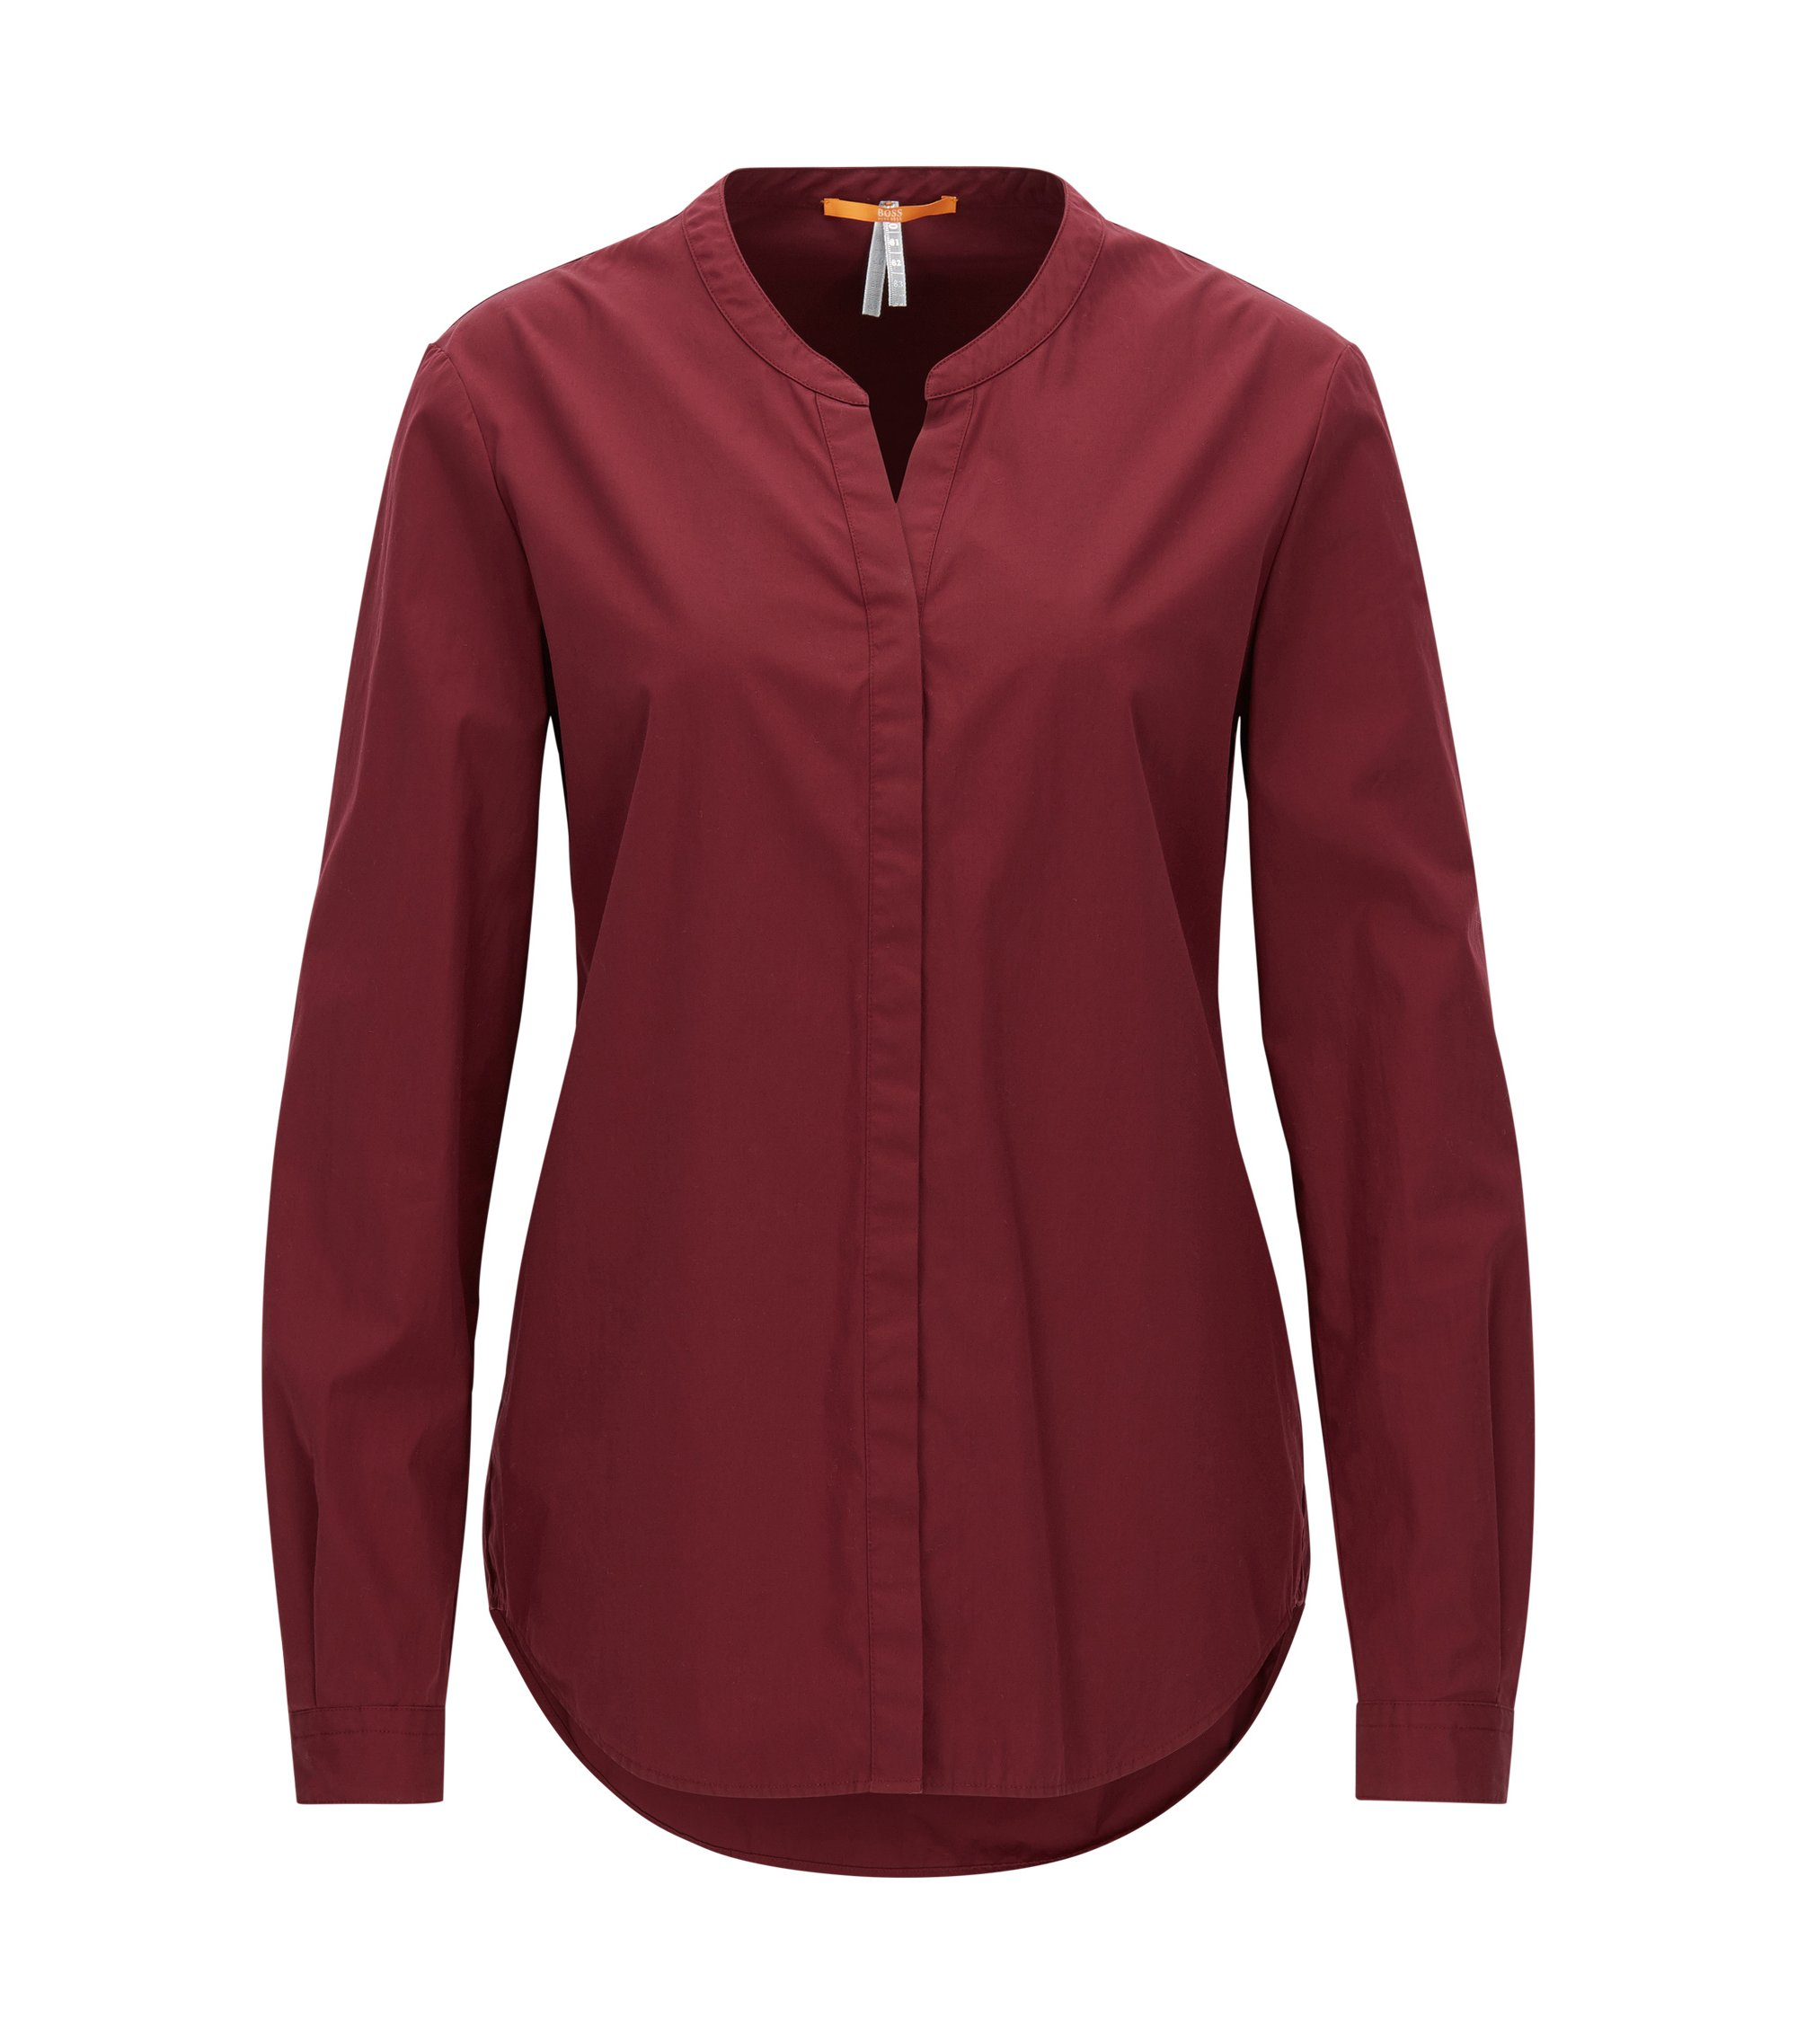 Camicia in cotone relaxed fit con colletto rialzato, Rosso scuro